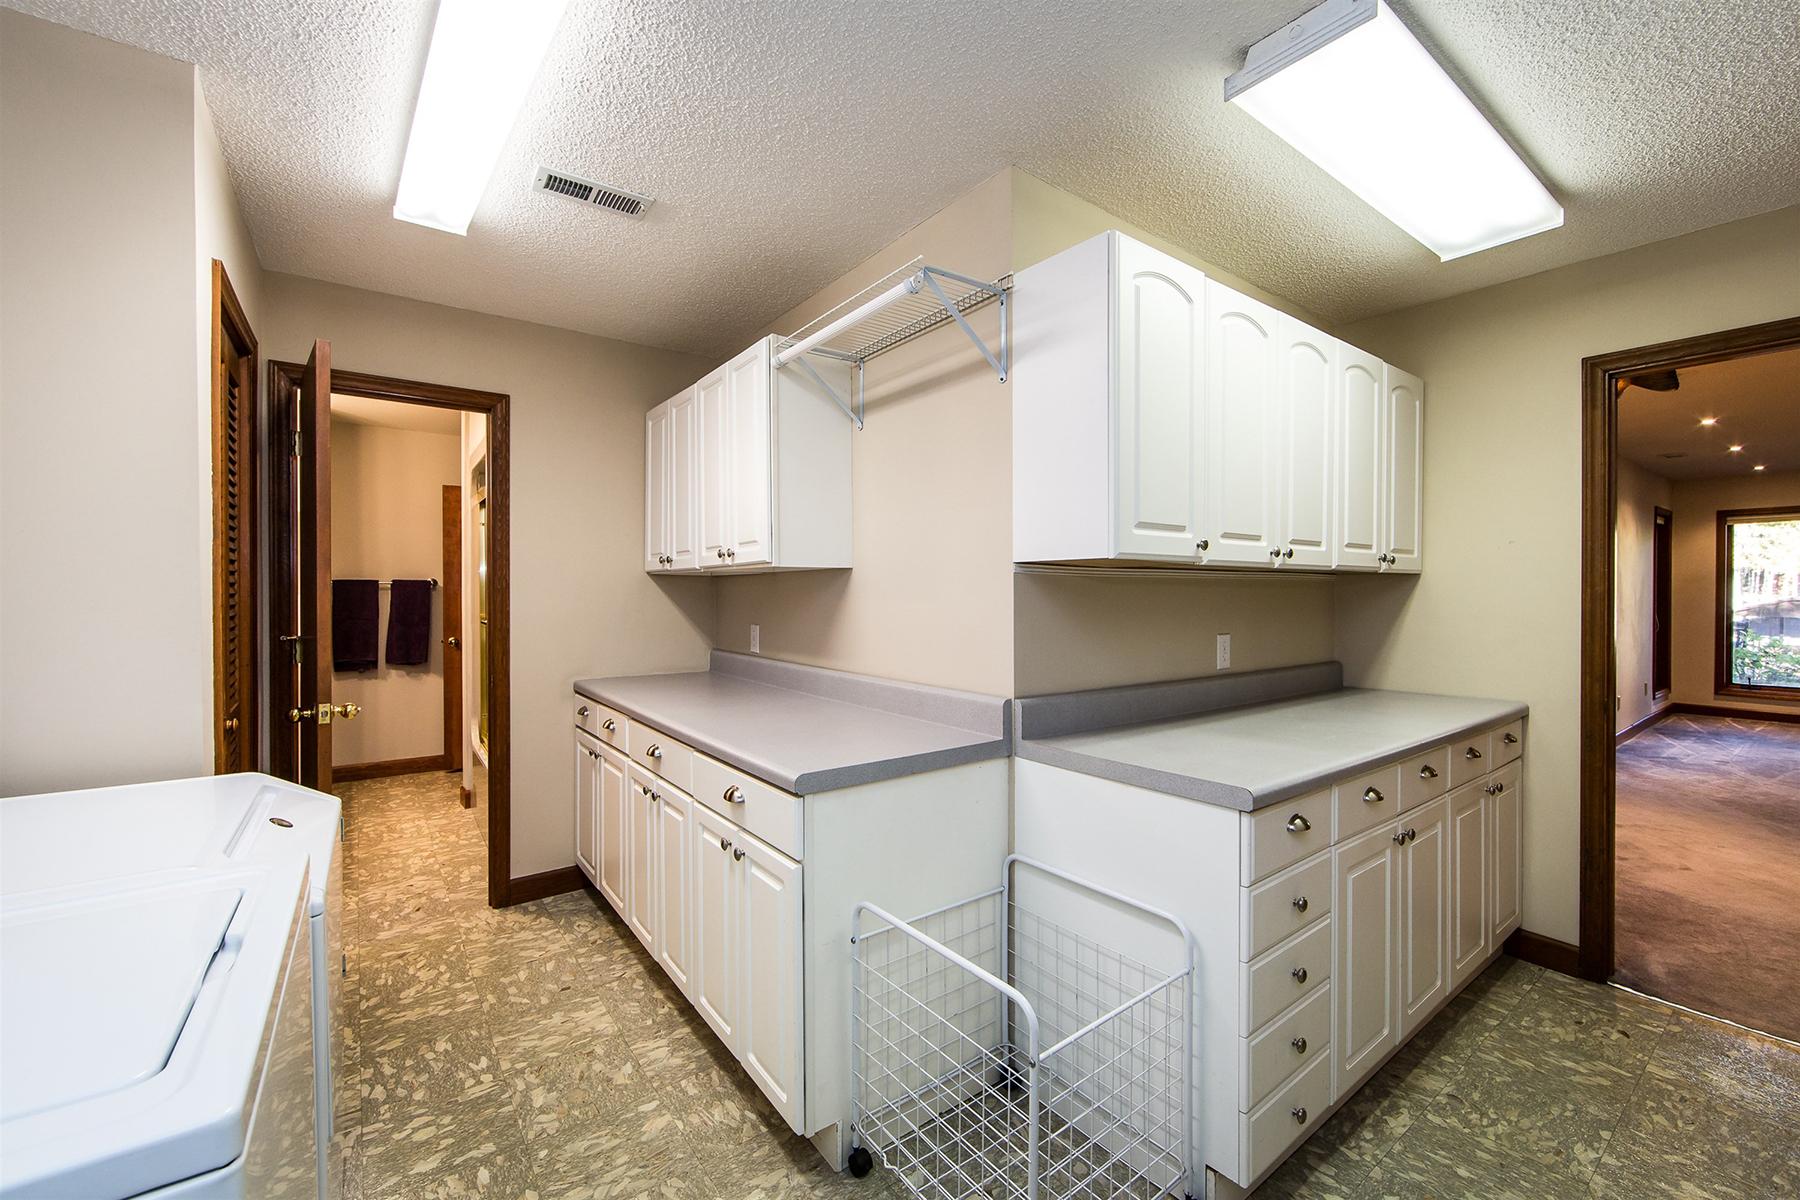 Additional photo for property listing at Bethelwood Estates 20334  Bethelwood Ln 8,  Cornelius, North Carolina 28031 United States